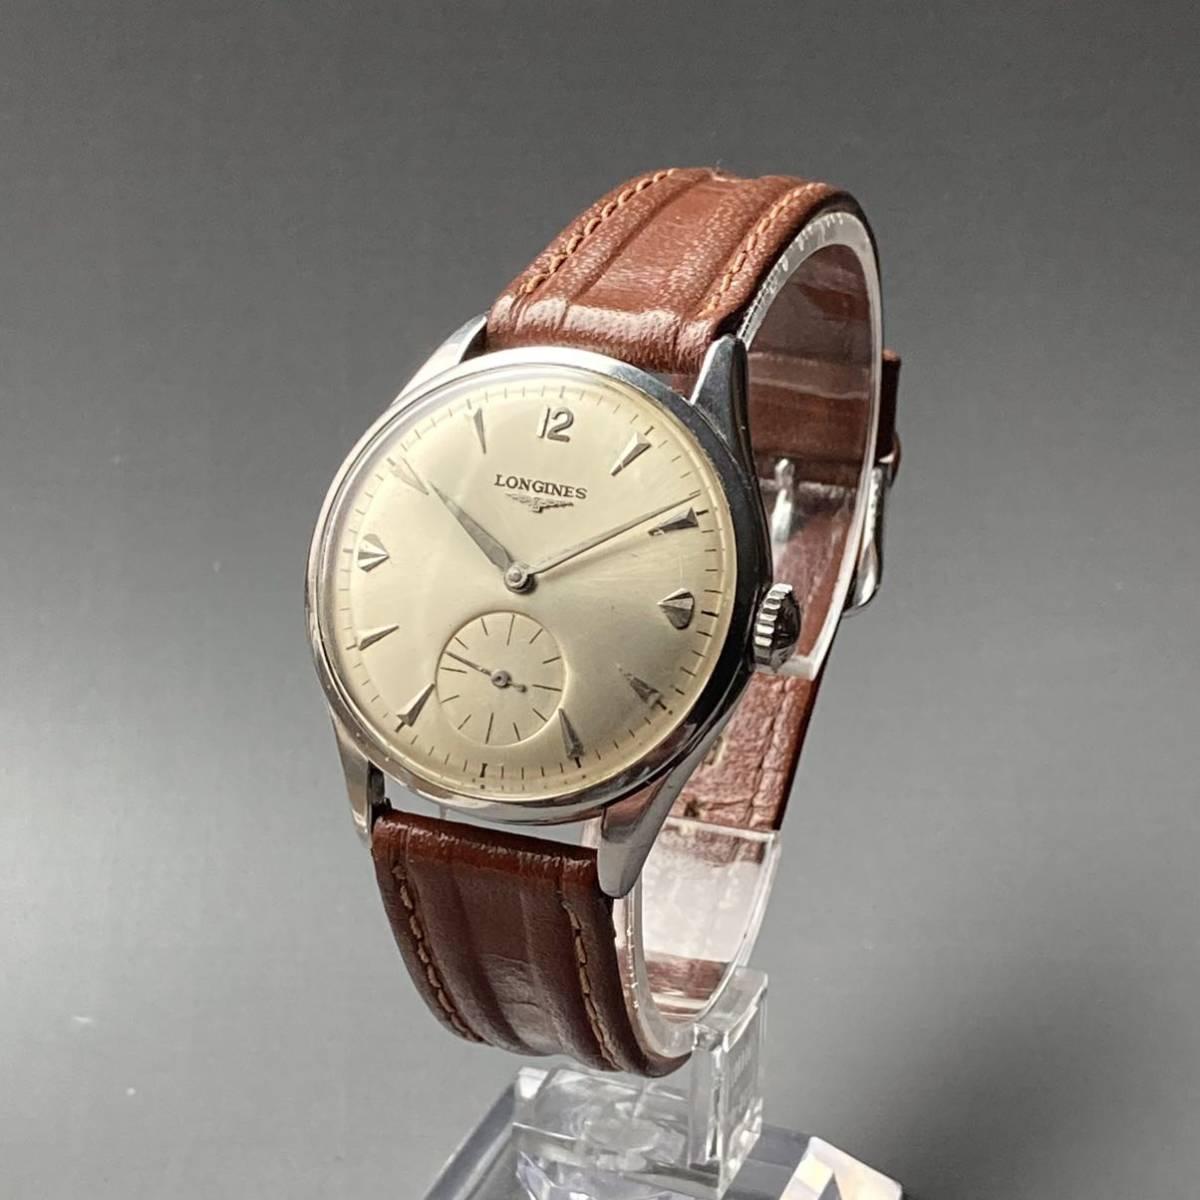 動作良好★ロンジン アンティーク 腕時計 1950年代 メンズ 手巻き cal.12.68Z ケース径33㎜ LONGINES ビンテージ ウォッチ 男性 スイス_画像2